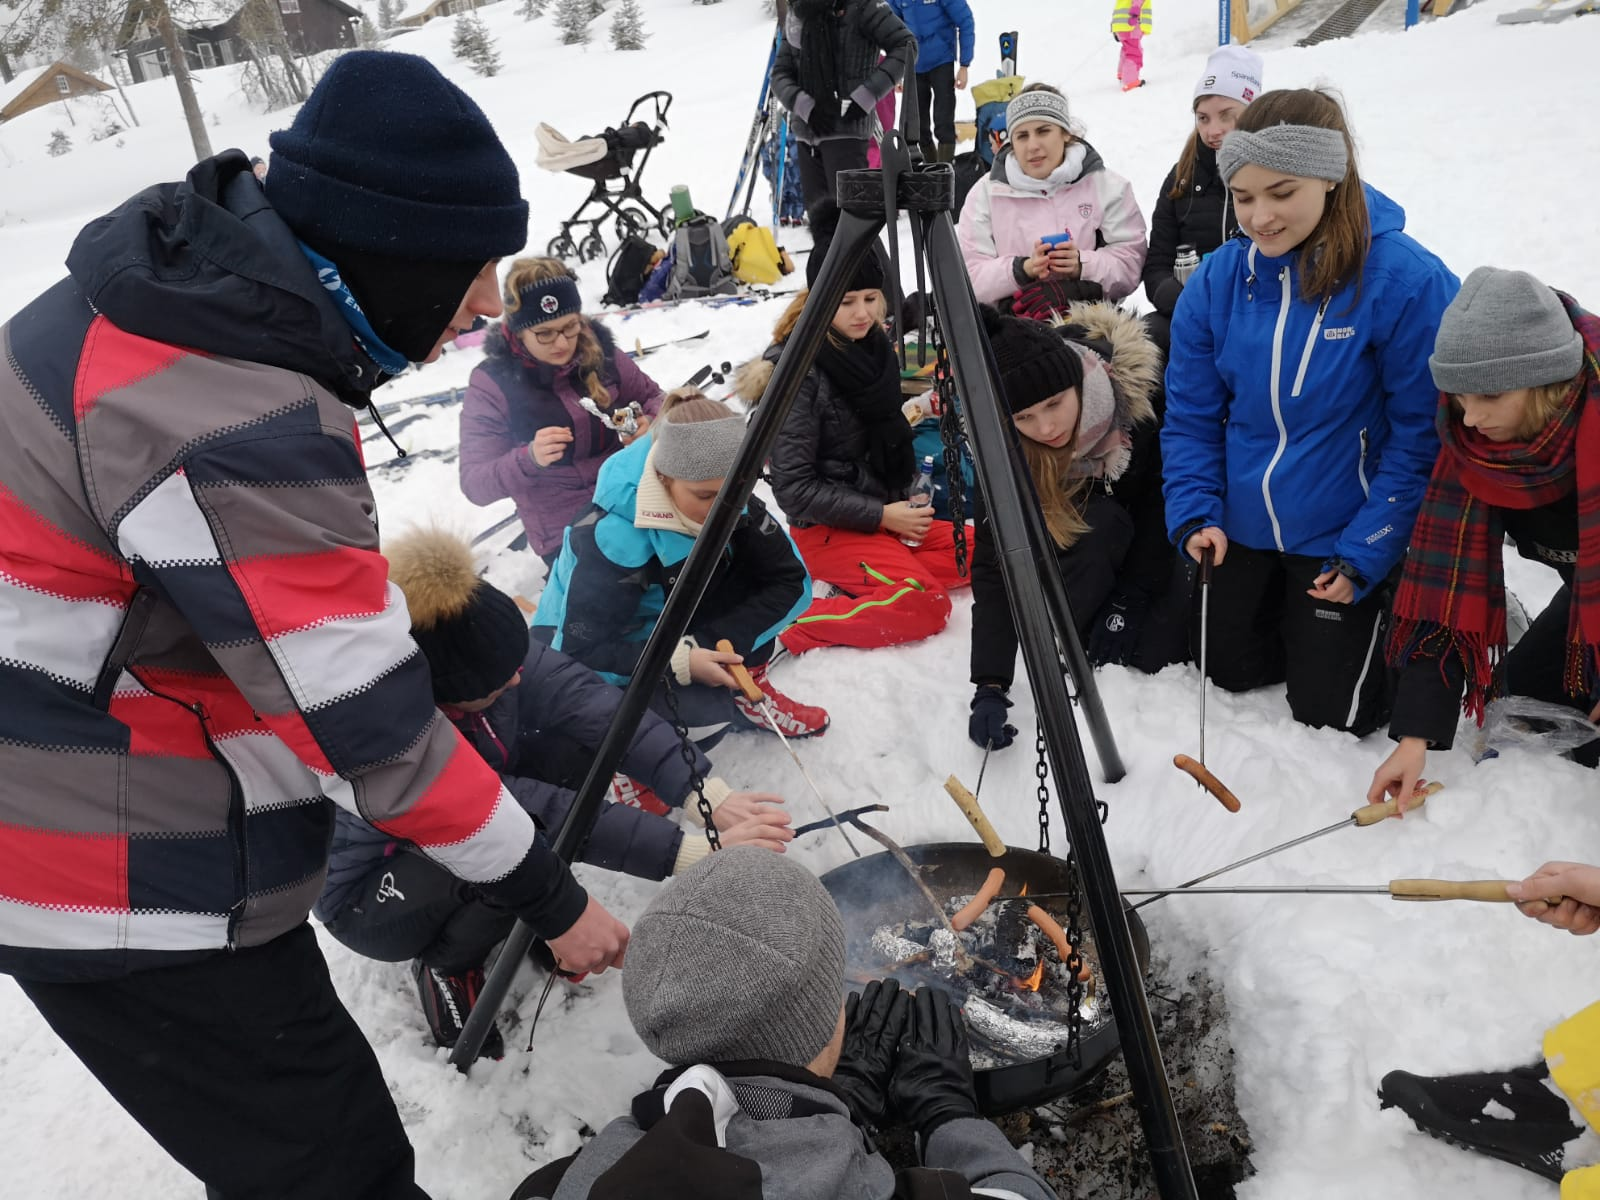 16.-22.2.19 Besuch der Partnerschule in Gran/Norwegen